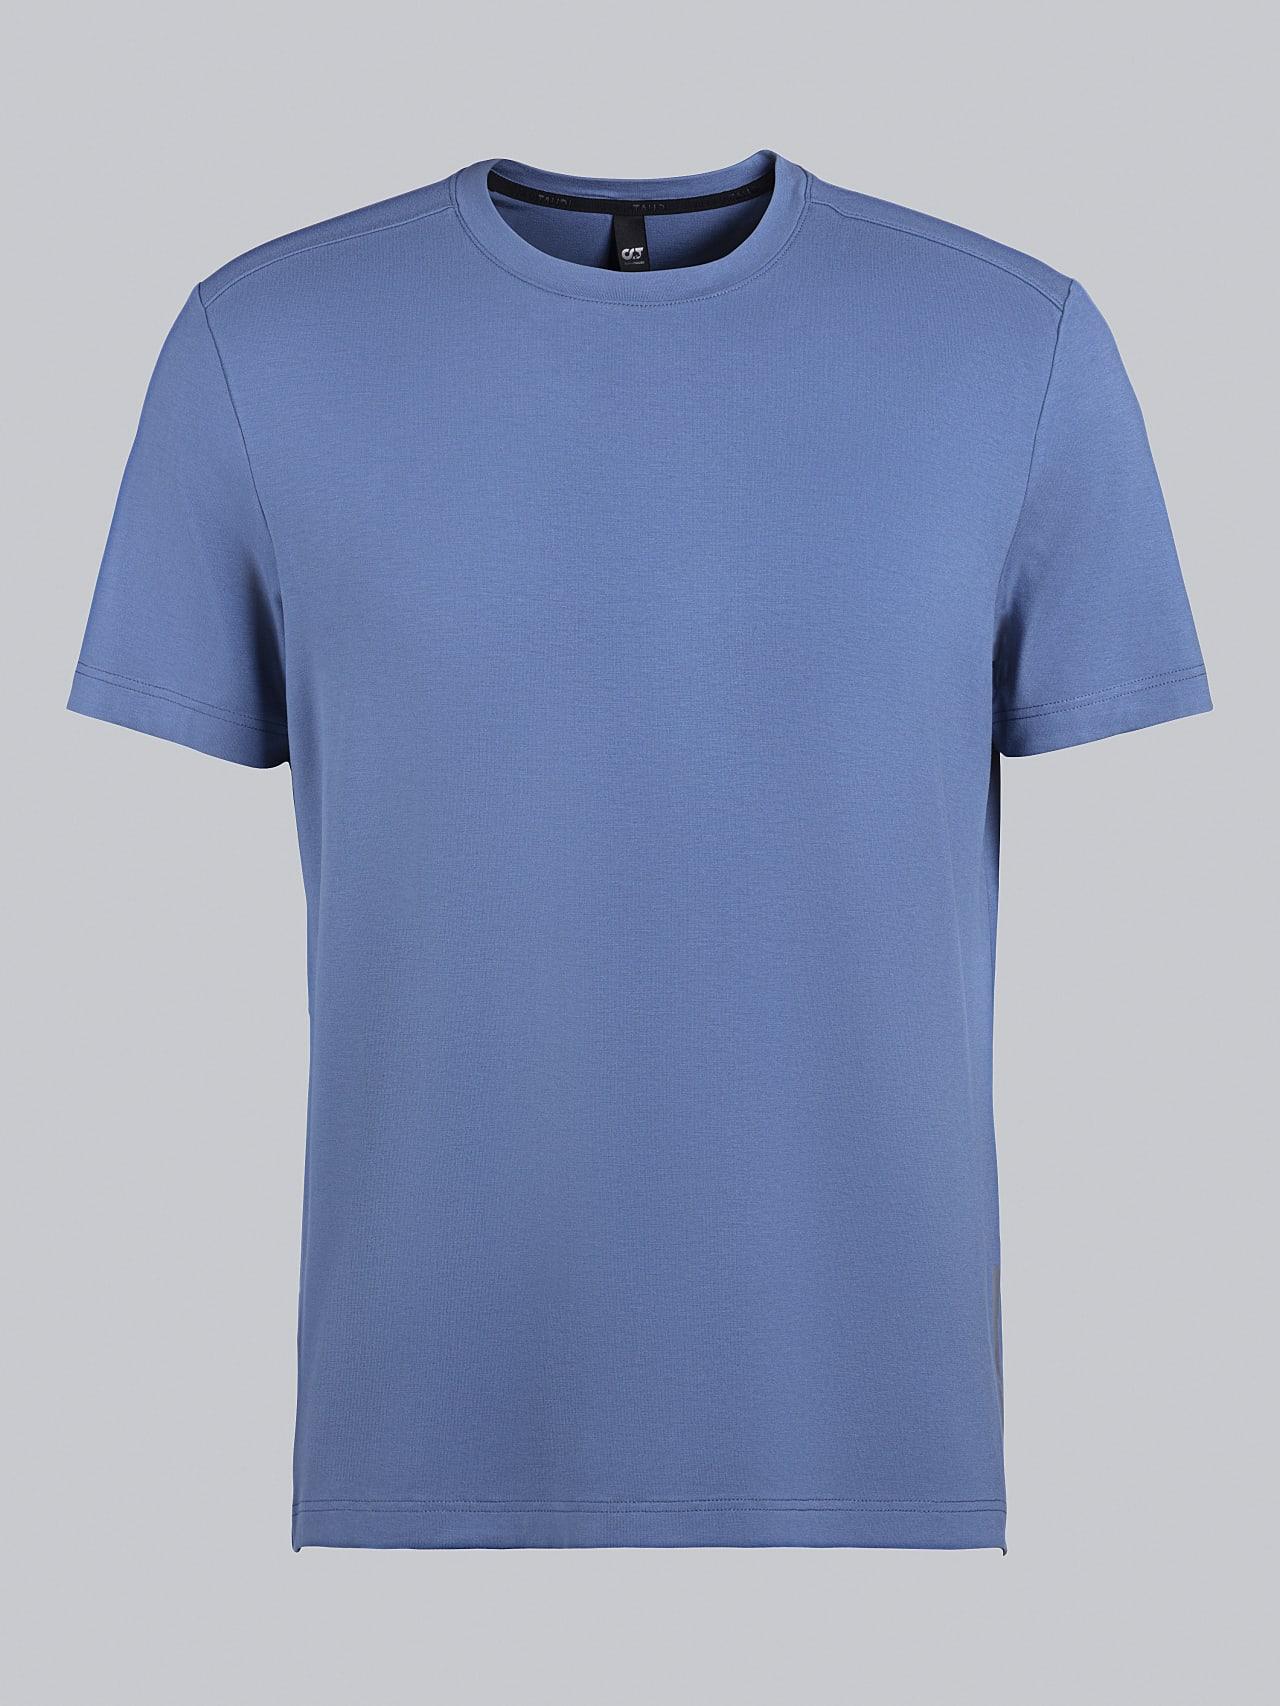 JANUE V1.Y5.02 Viscose T-Shirt light blue Back Alpha Tauri